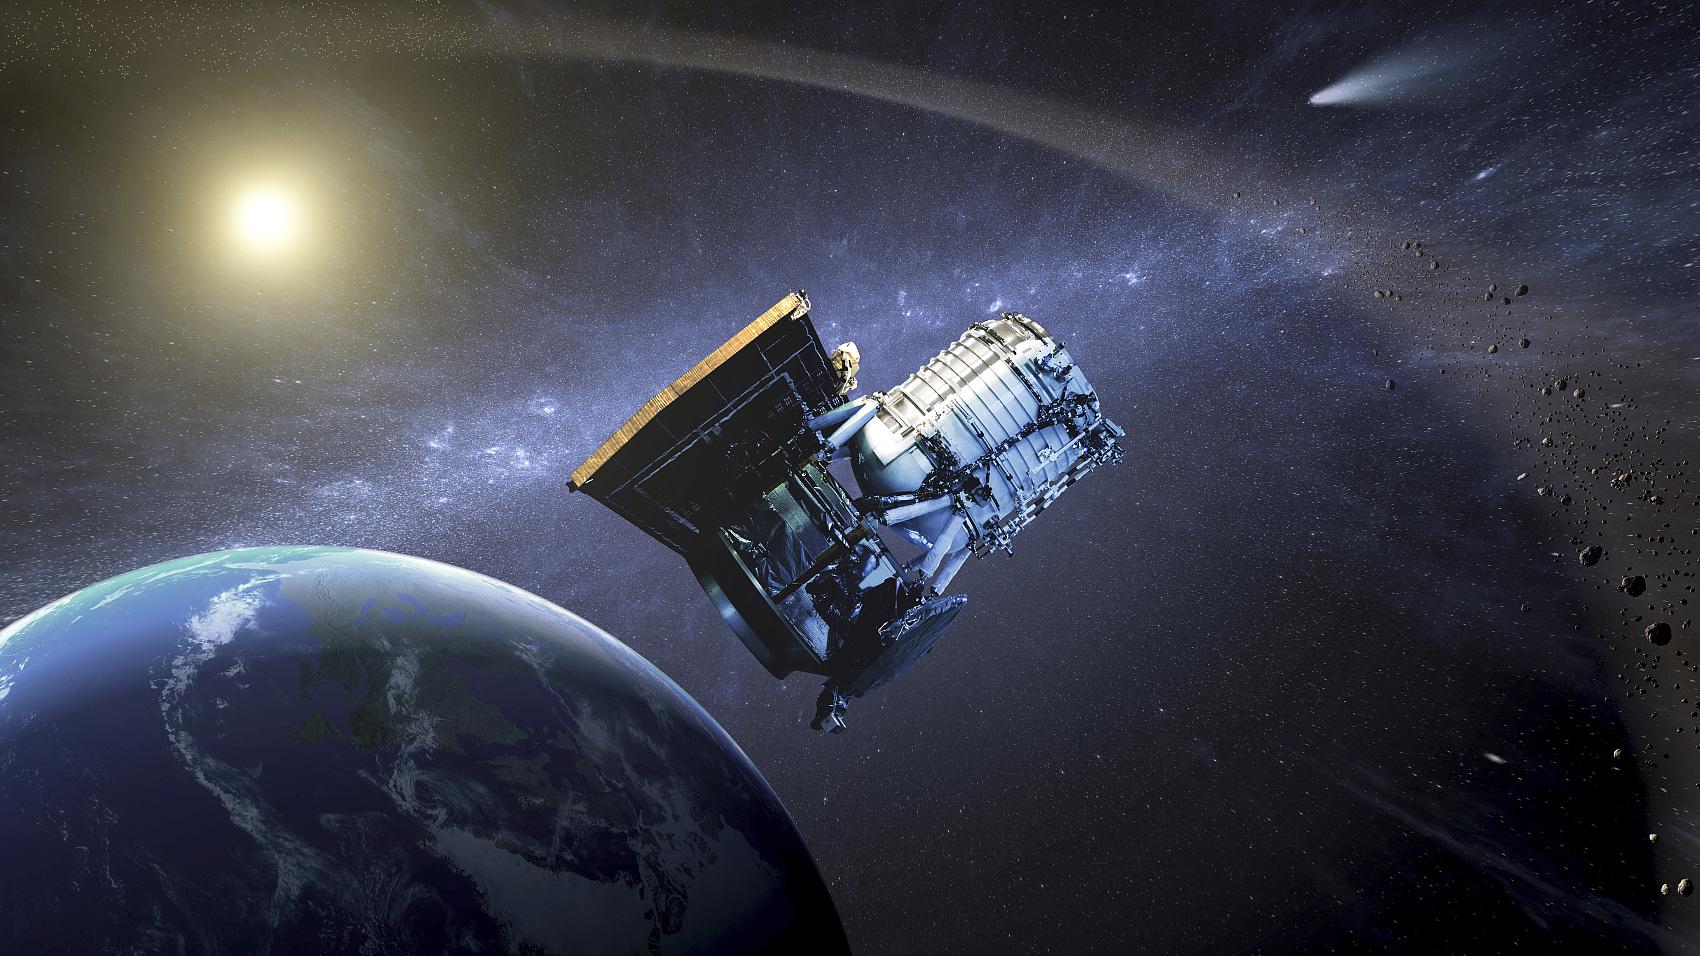 商业航天的内卷时代:有公司发射21颗卫星,有4.7万家航天公司悄然消失